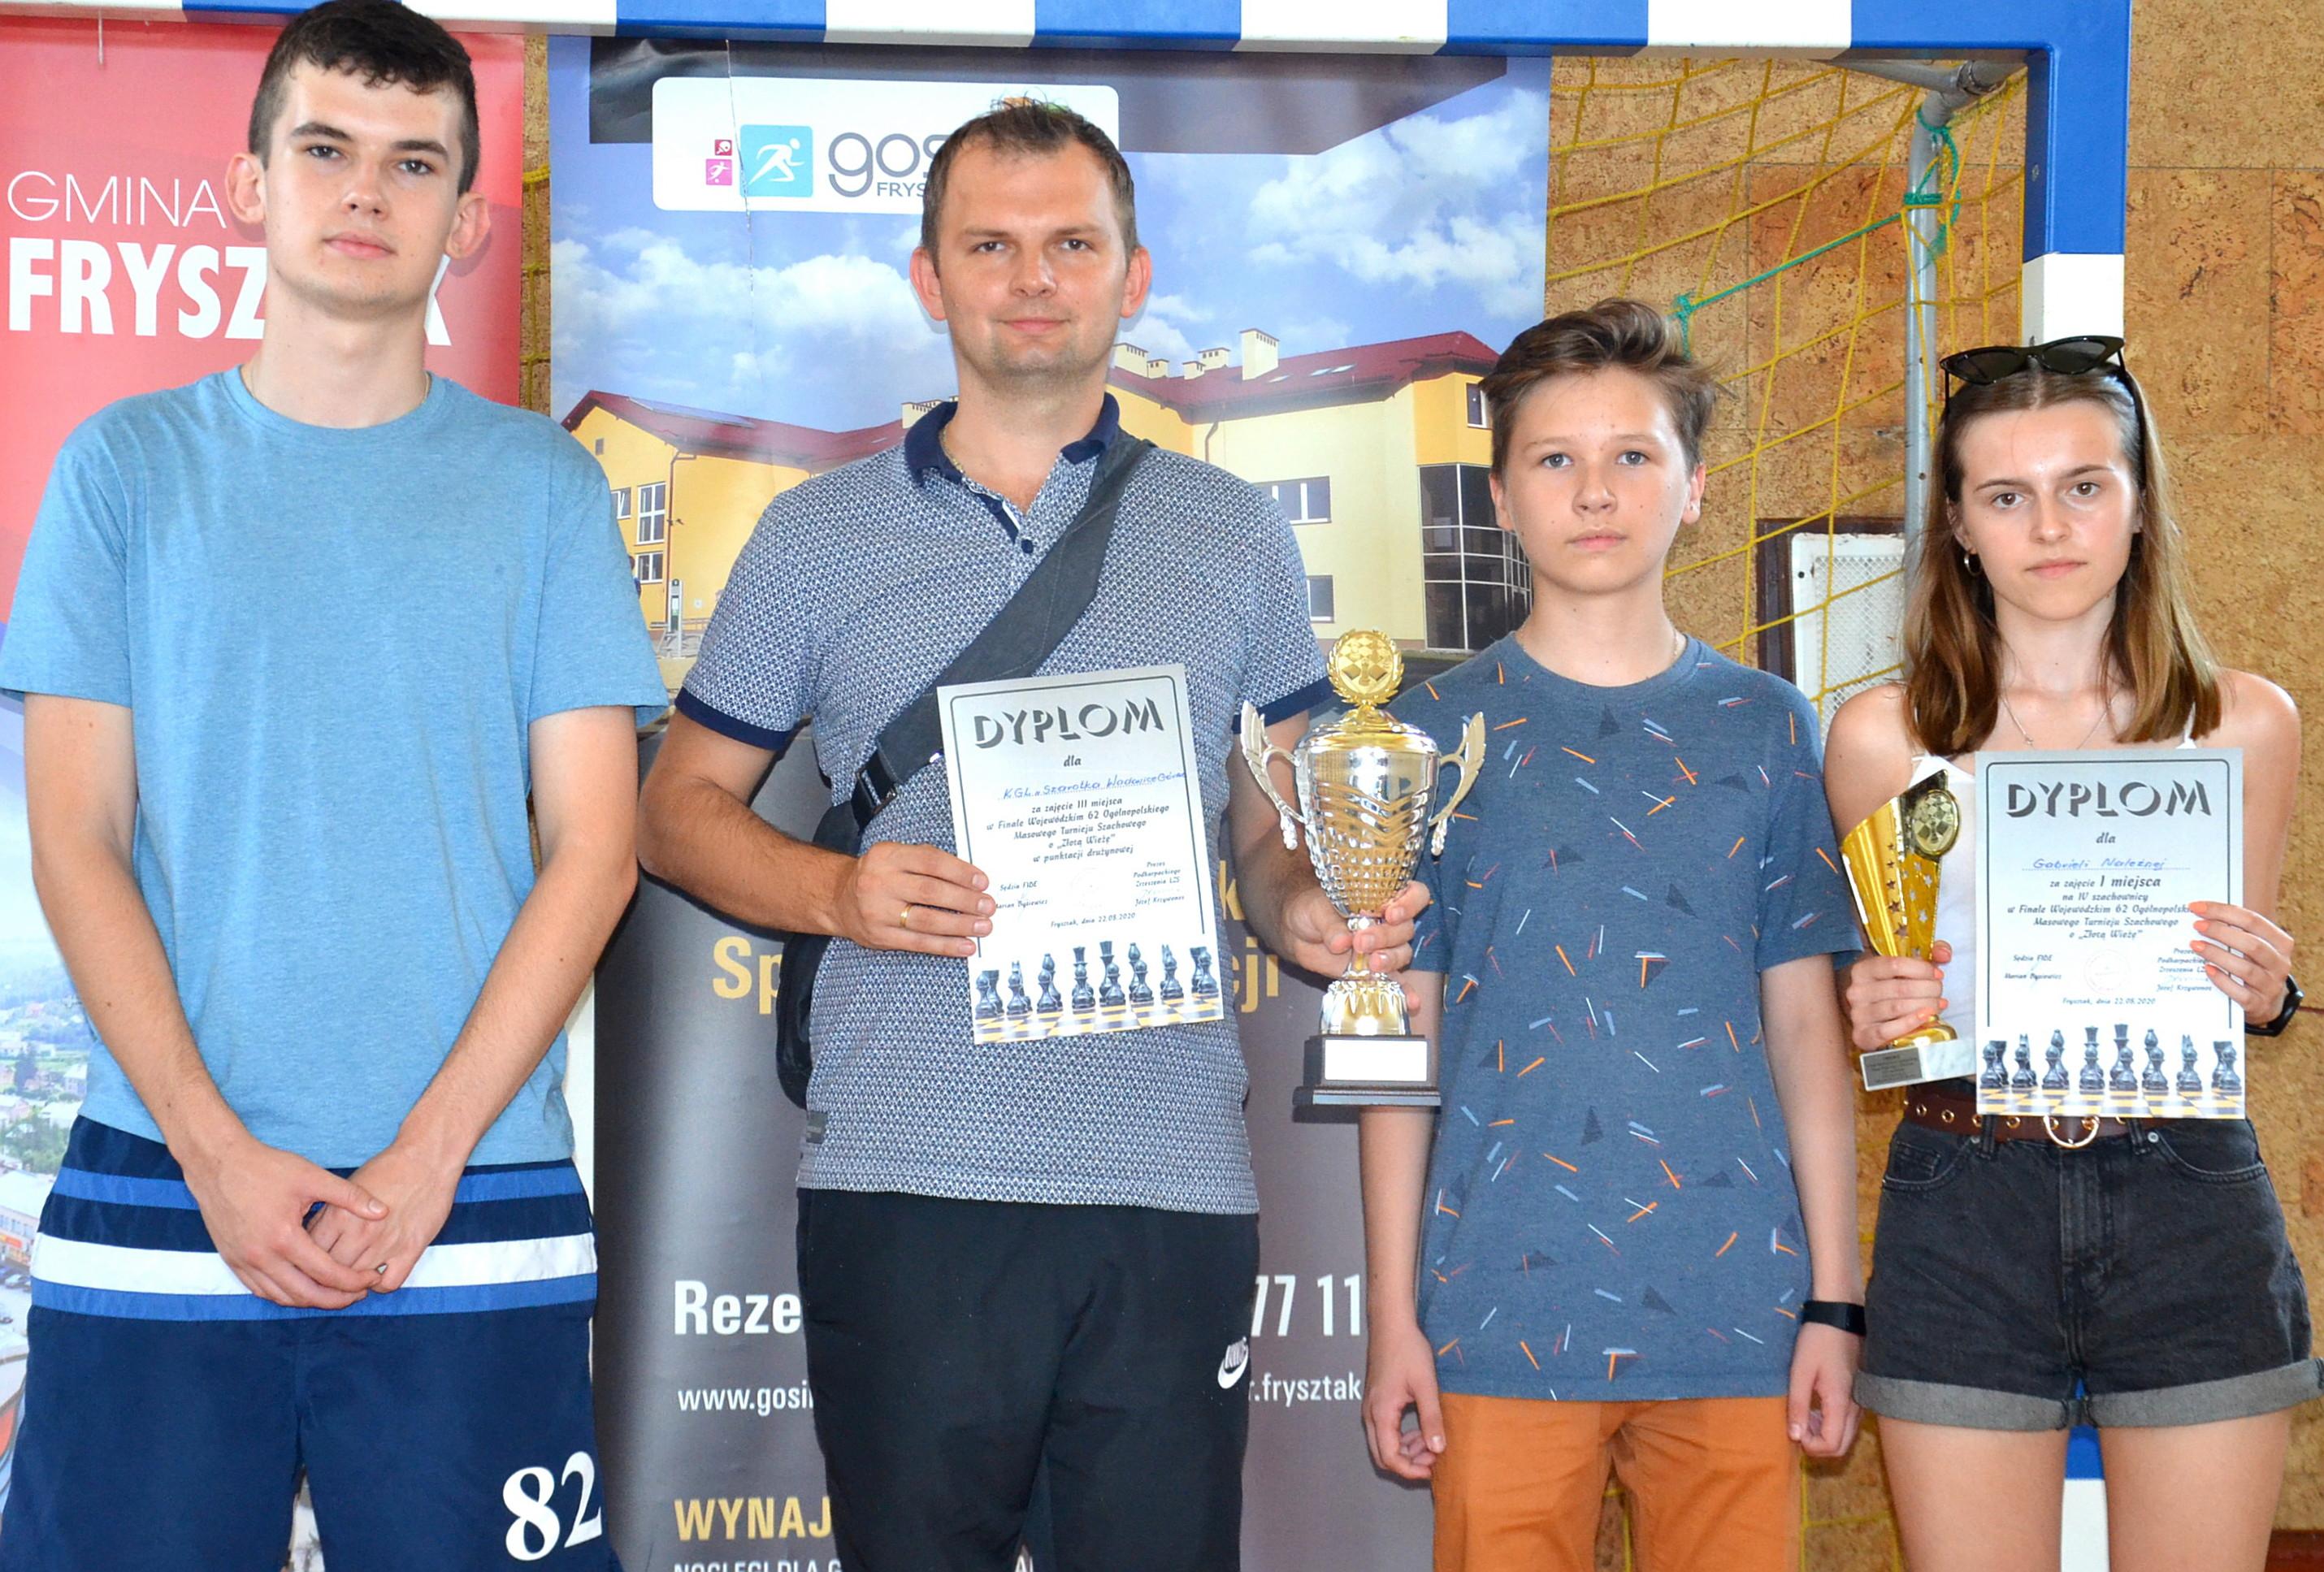 Miejsce na podium. Znakomity występ szachistów z Wadowic Górnych  - Zdjęcie główne